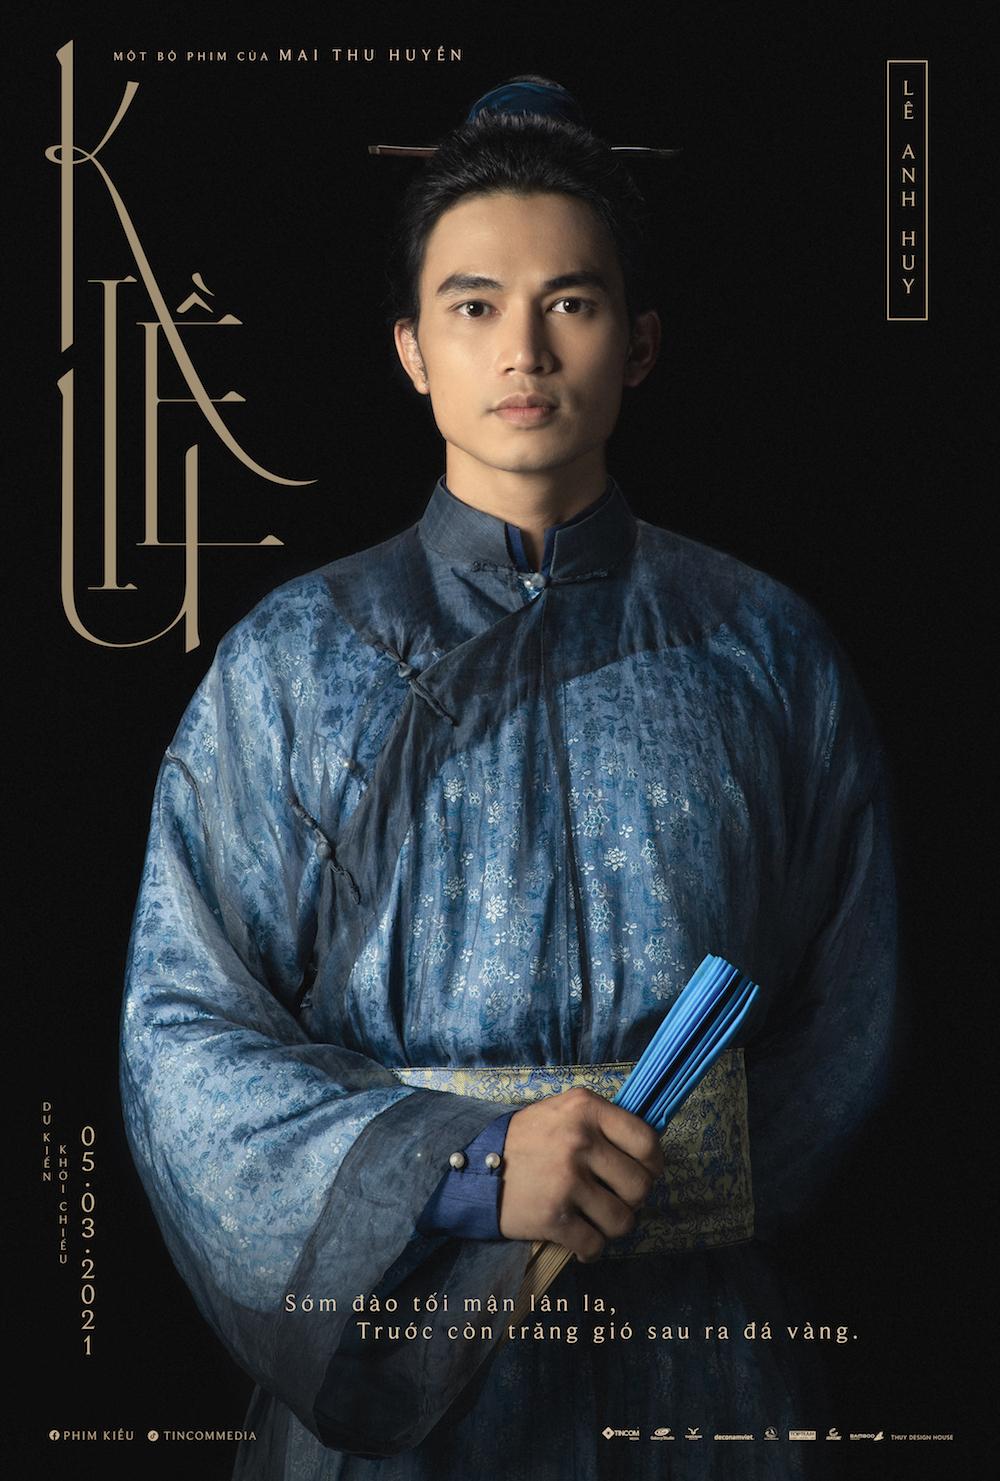 Phim Kiều sắp sửa ra rạp đúng dịp kỷ niệm 200 năm ngày mất Nguyễn Du